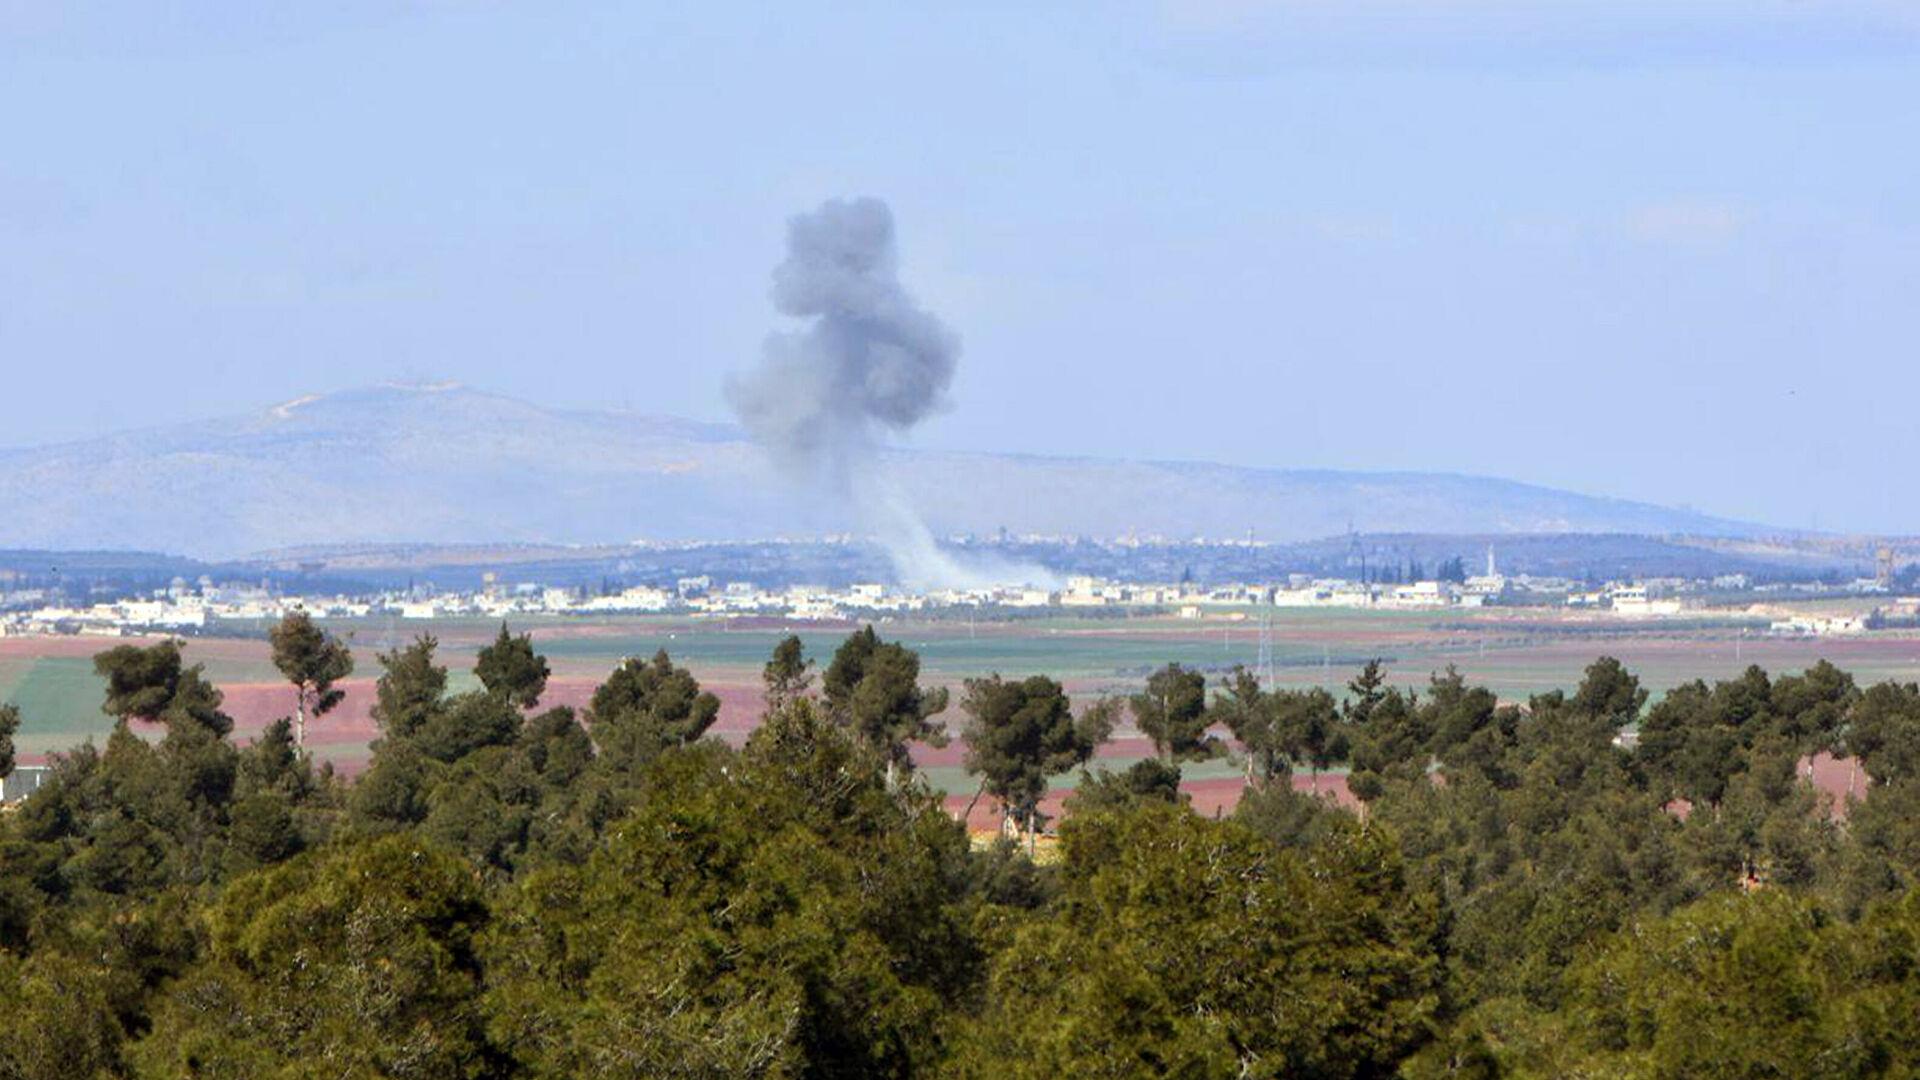 Турция обвинила Сирию в ракетном обстреле Алеппо – есть погибшие и раненные